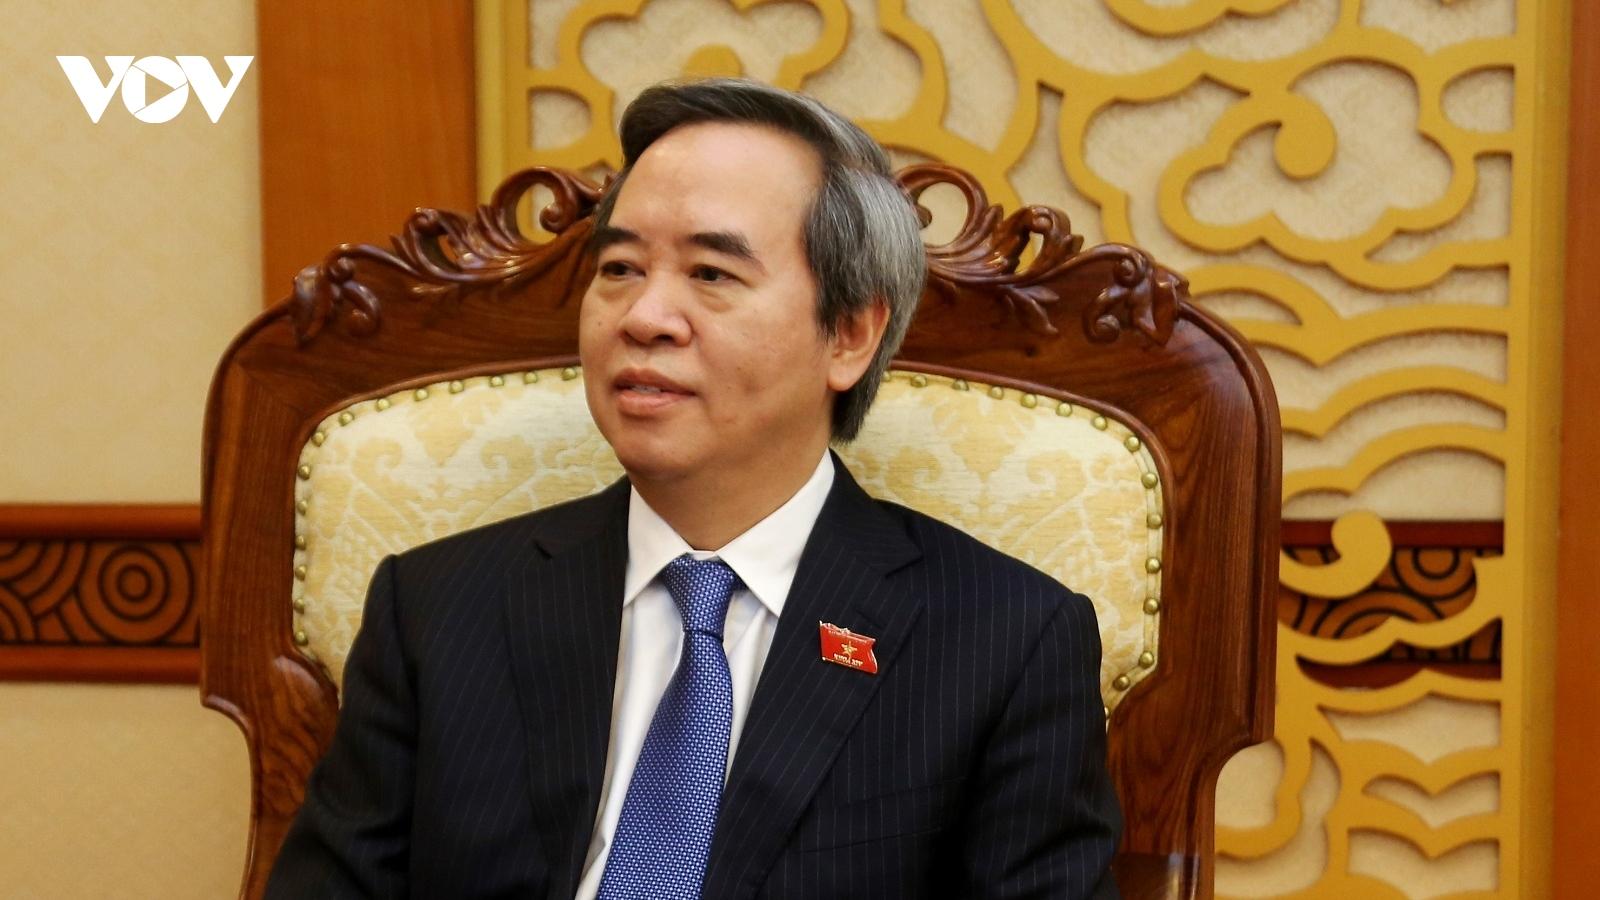 Ông Nguyễn Văn Bình: Kế thừa có chọn lọc thành tựu kinh tế thị trường của nhân loại